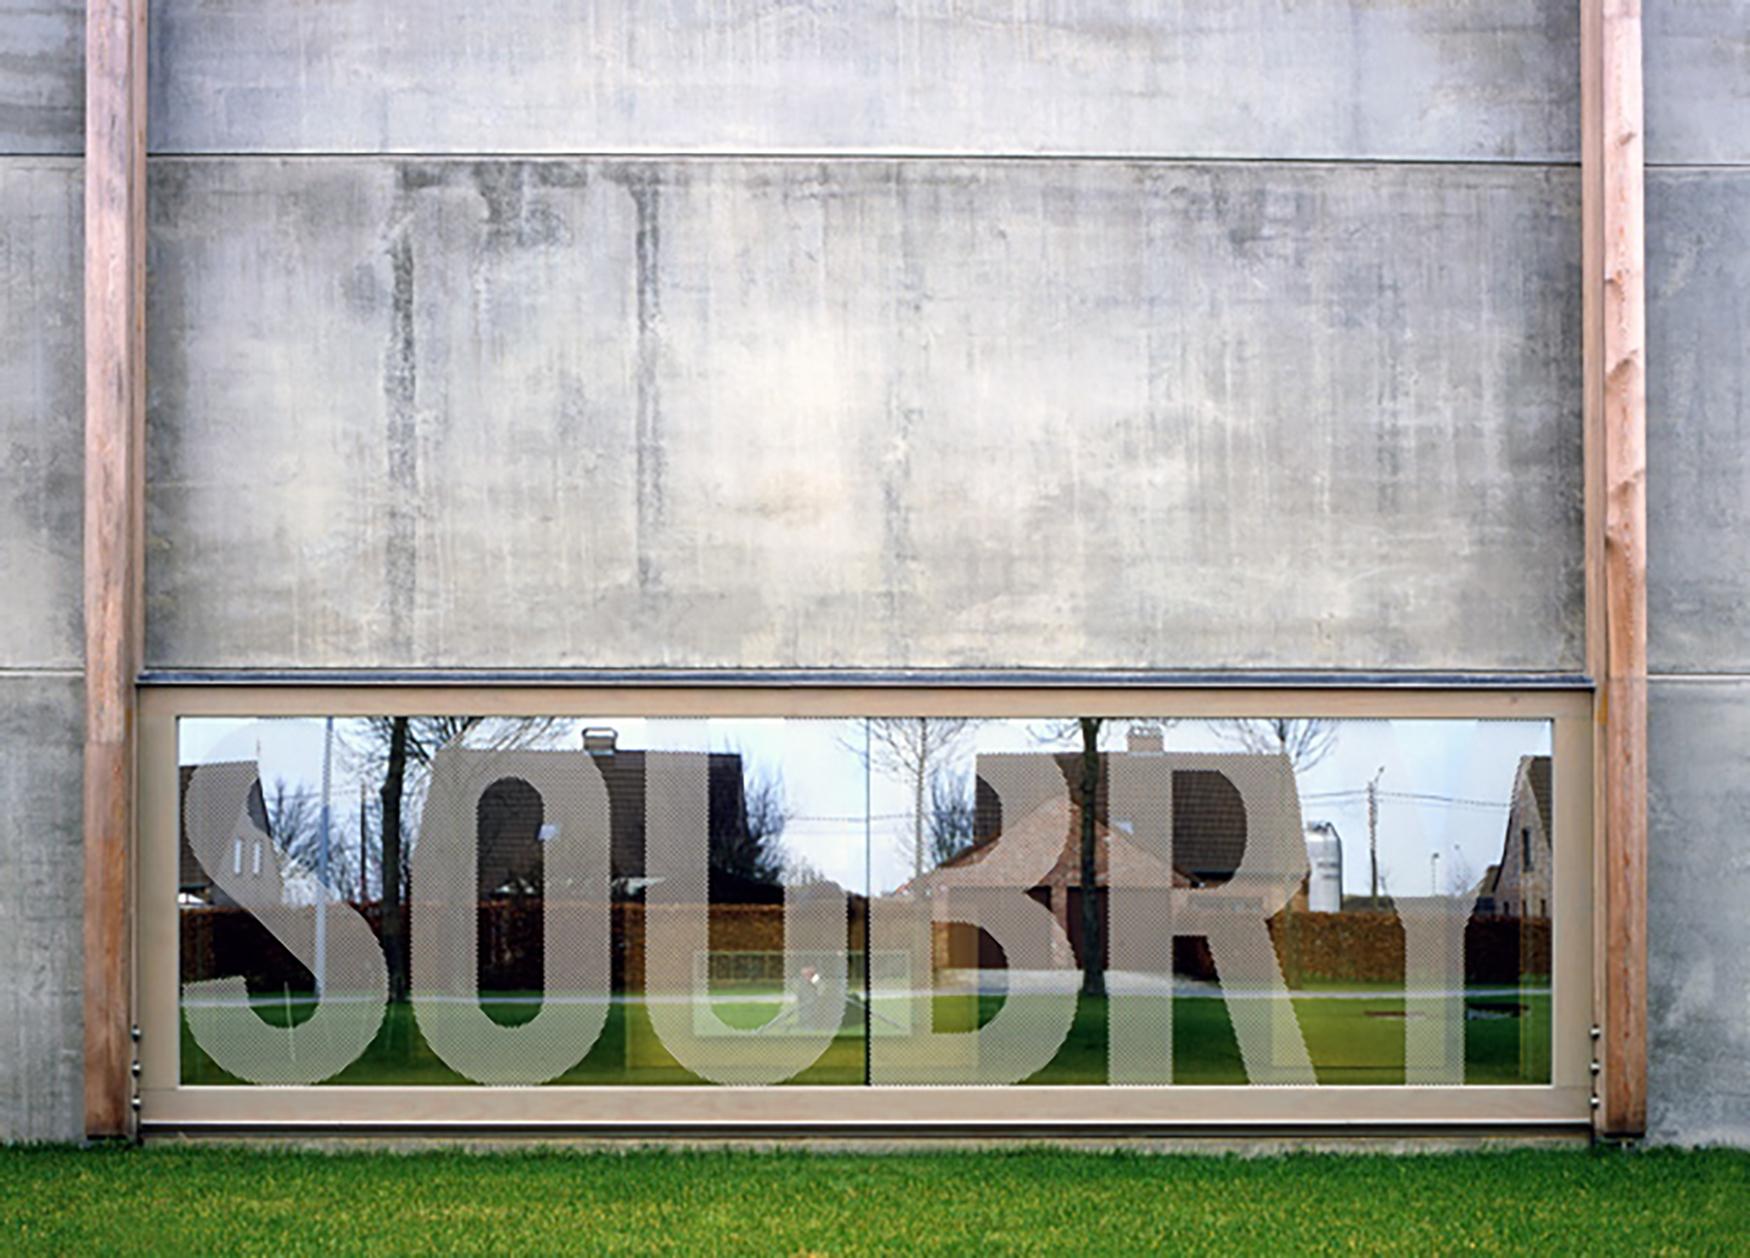 soubry04